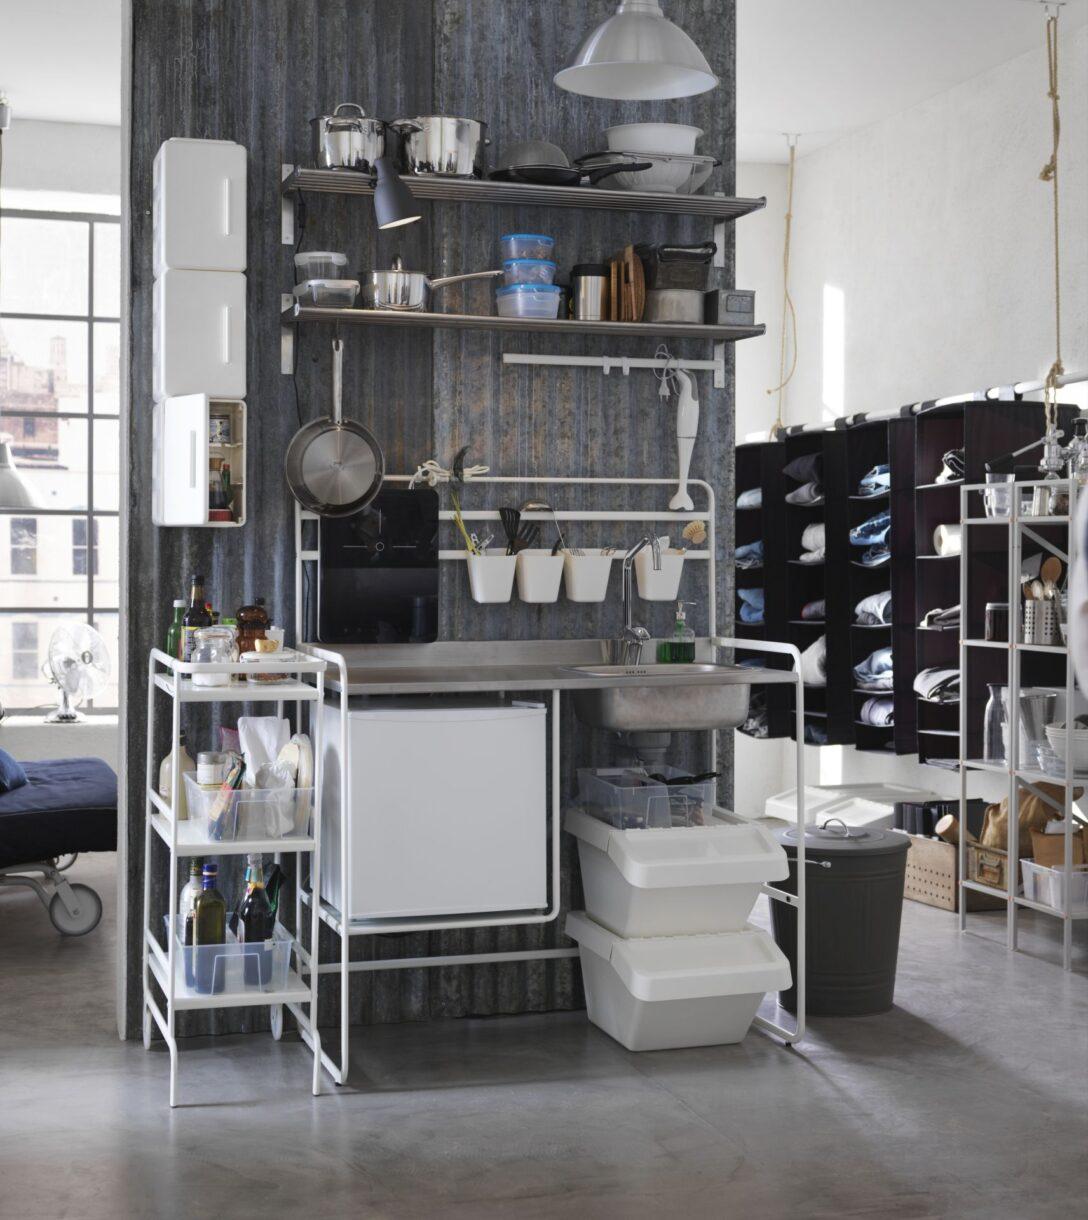 Large Size of Mbel Einrichtungsideen Fr Dein Zuhause Kche Gestalten Küche Kaufen Ikea Modulküche Kosten Sofa Mit Schlaffunktion Betten Bei Miniküche 160x200 Wohnzimmer Ikea Miniküchen